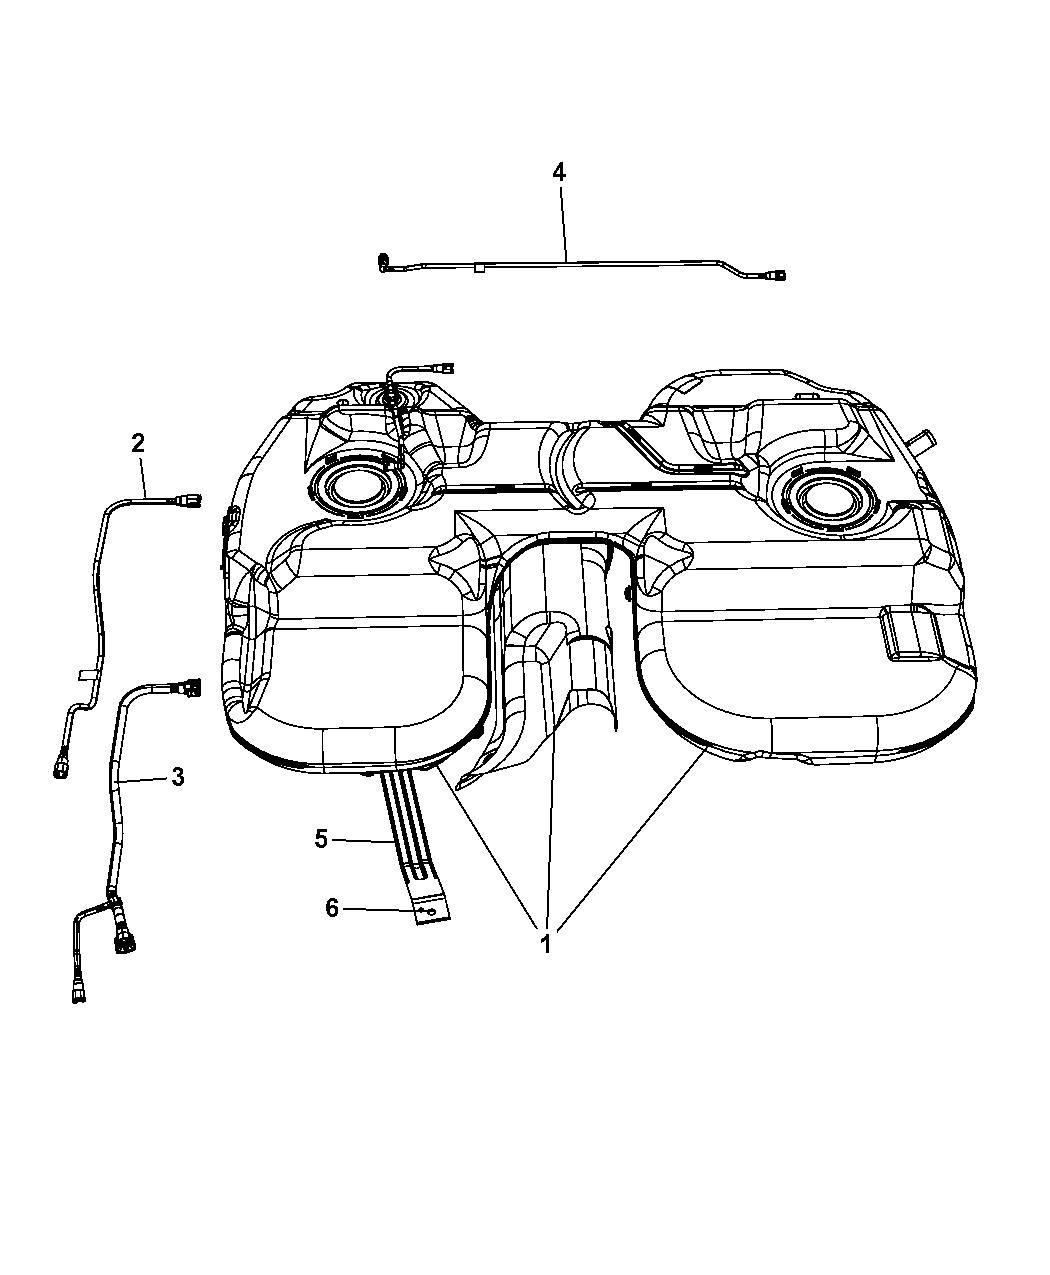 2007 chrysler pacifica fuel tank mopar parts giant rh moparpartsgiant com Fuel Injection System Diagram Automotive Fuel System Diagrams